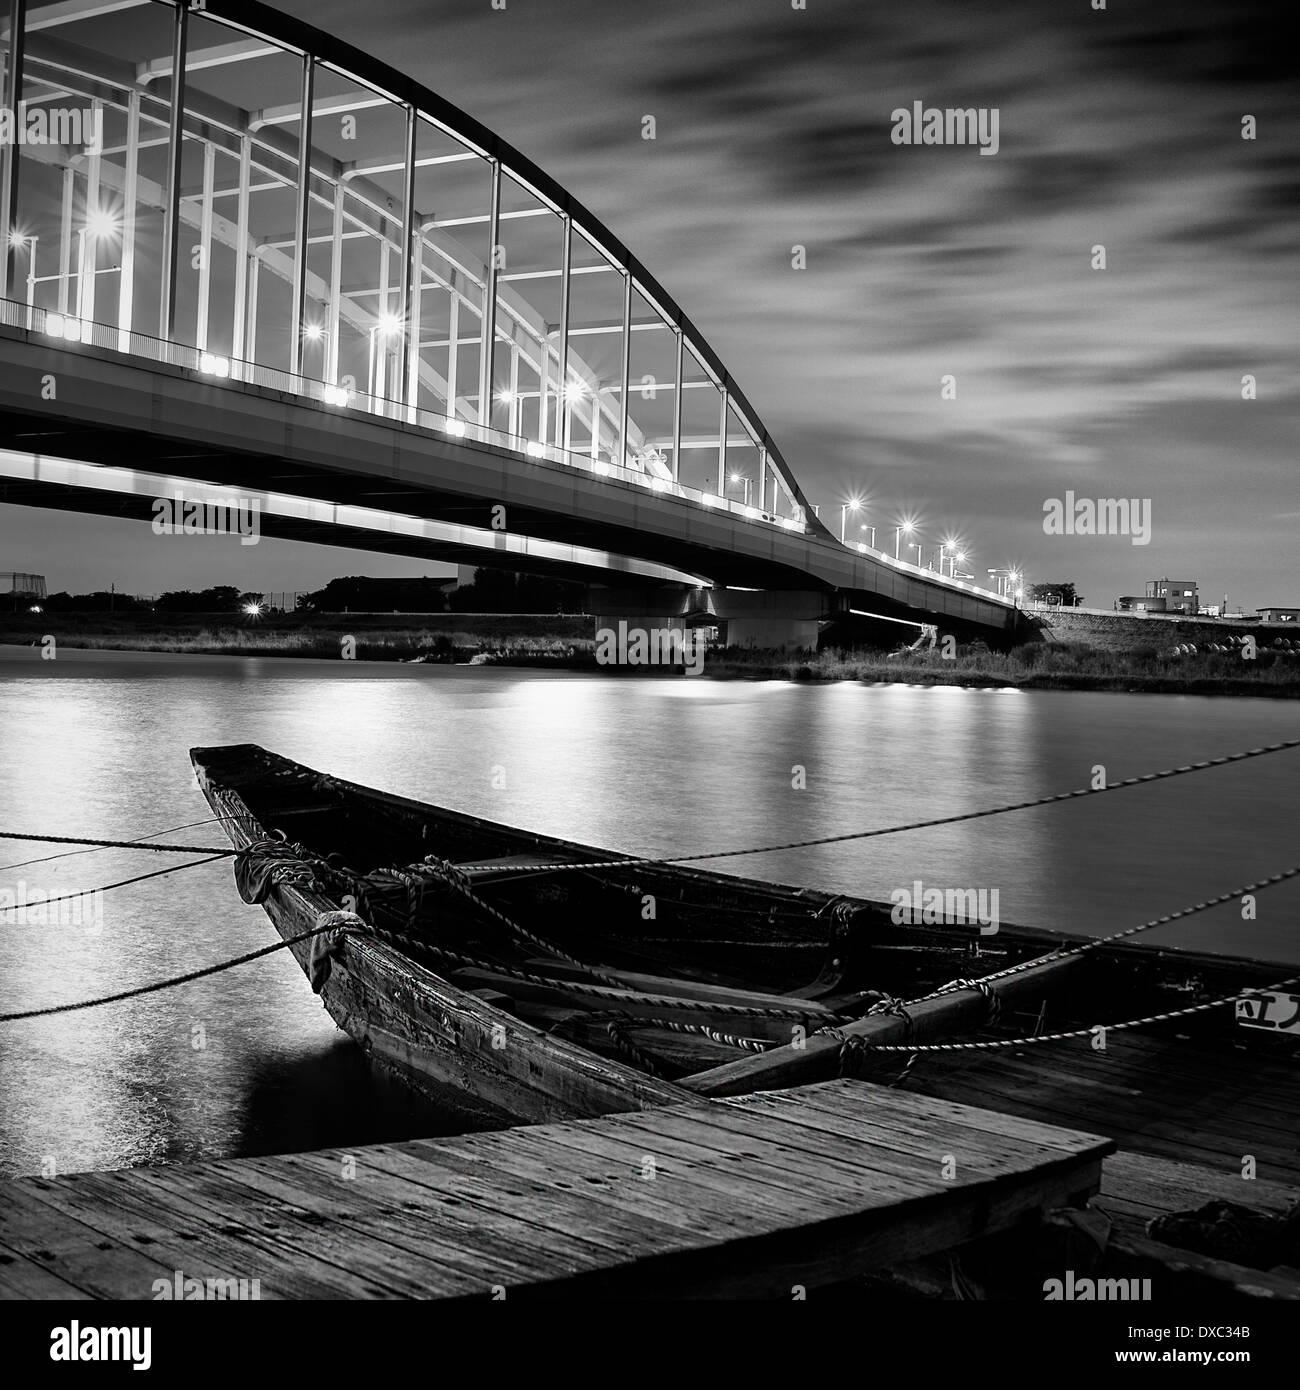 Boat And Bridge at Tama River, Kanagawa Prefecture, Japan - Stock Image